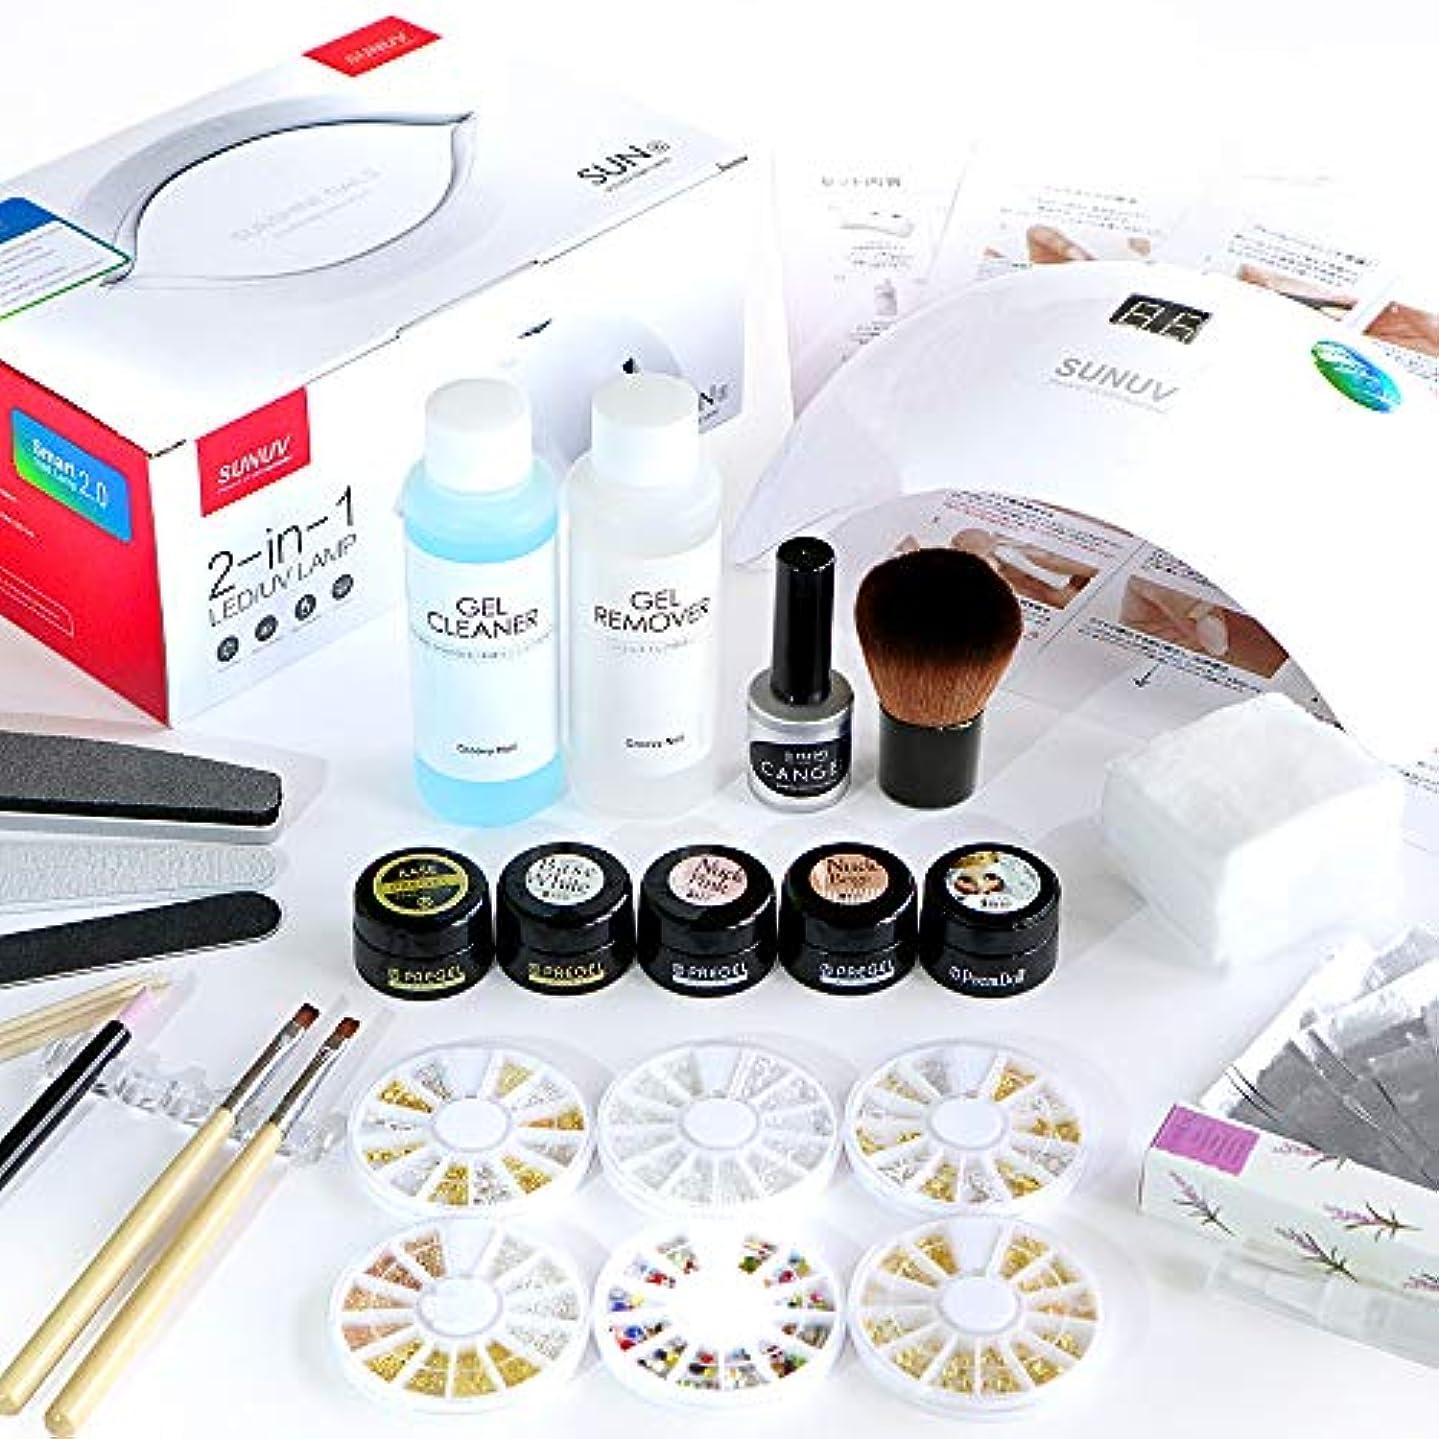 入る一瞬職業PREGEL プリジェル ジェルネイル スターターキット 日本製カラージェル4色+LEDライト48W ネイルアート 初心者におすすめ